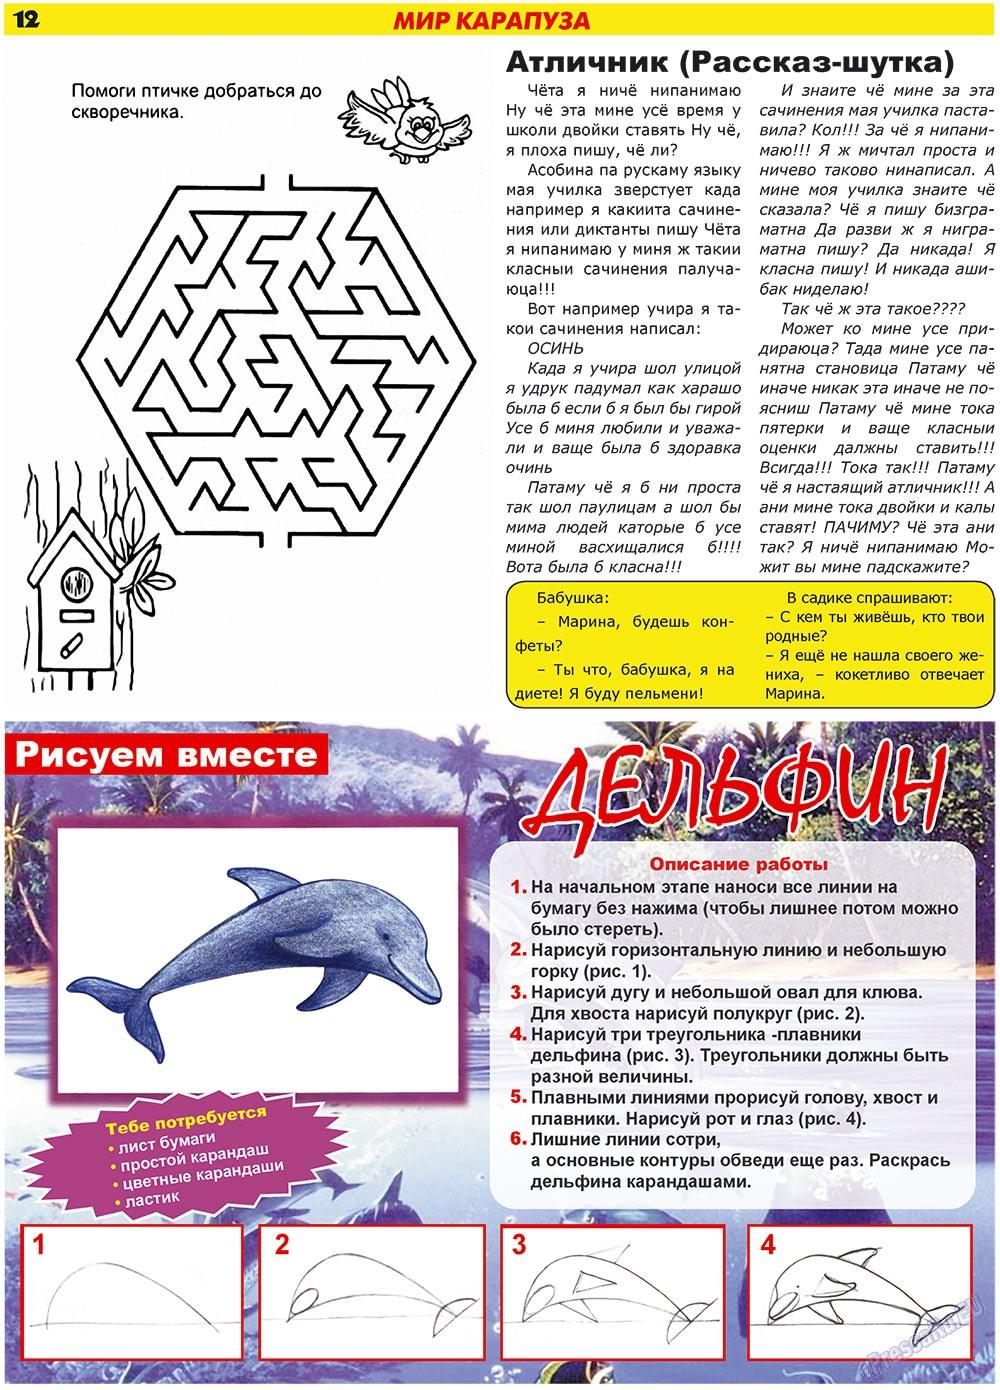 Forum Plus (газета). 2009 год, номер 2, стр. 12